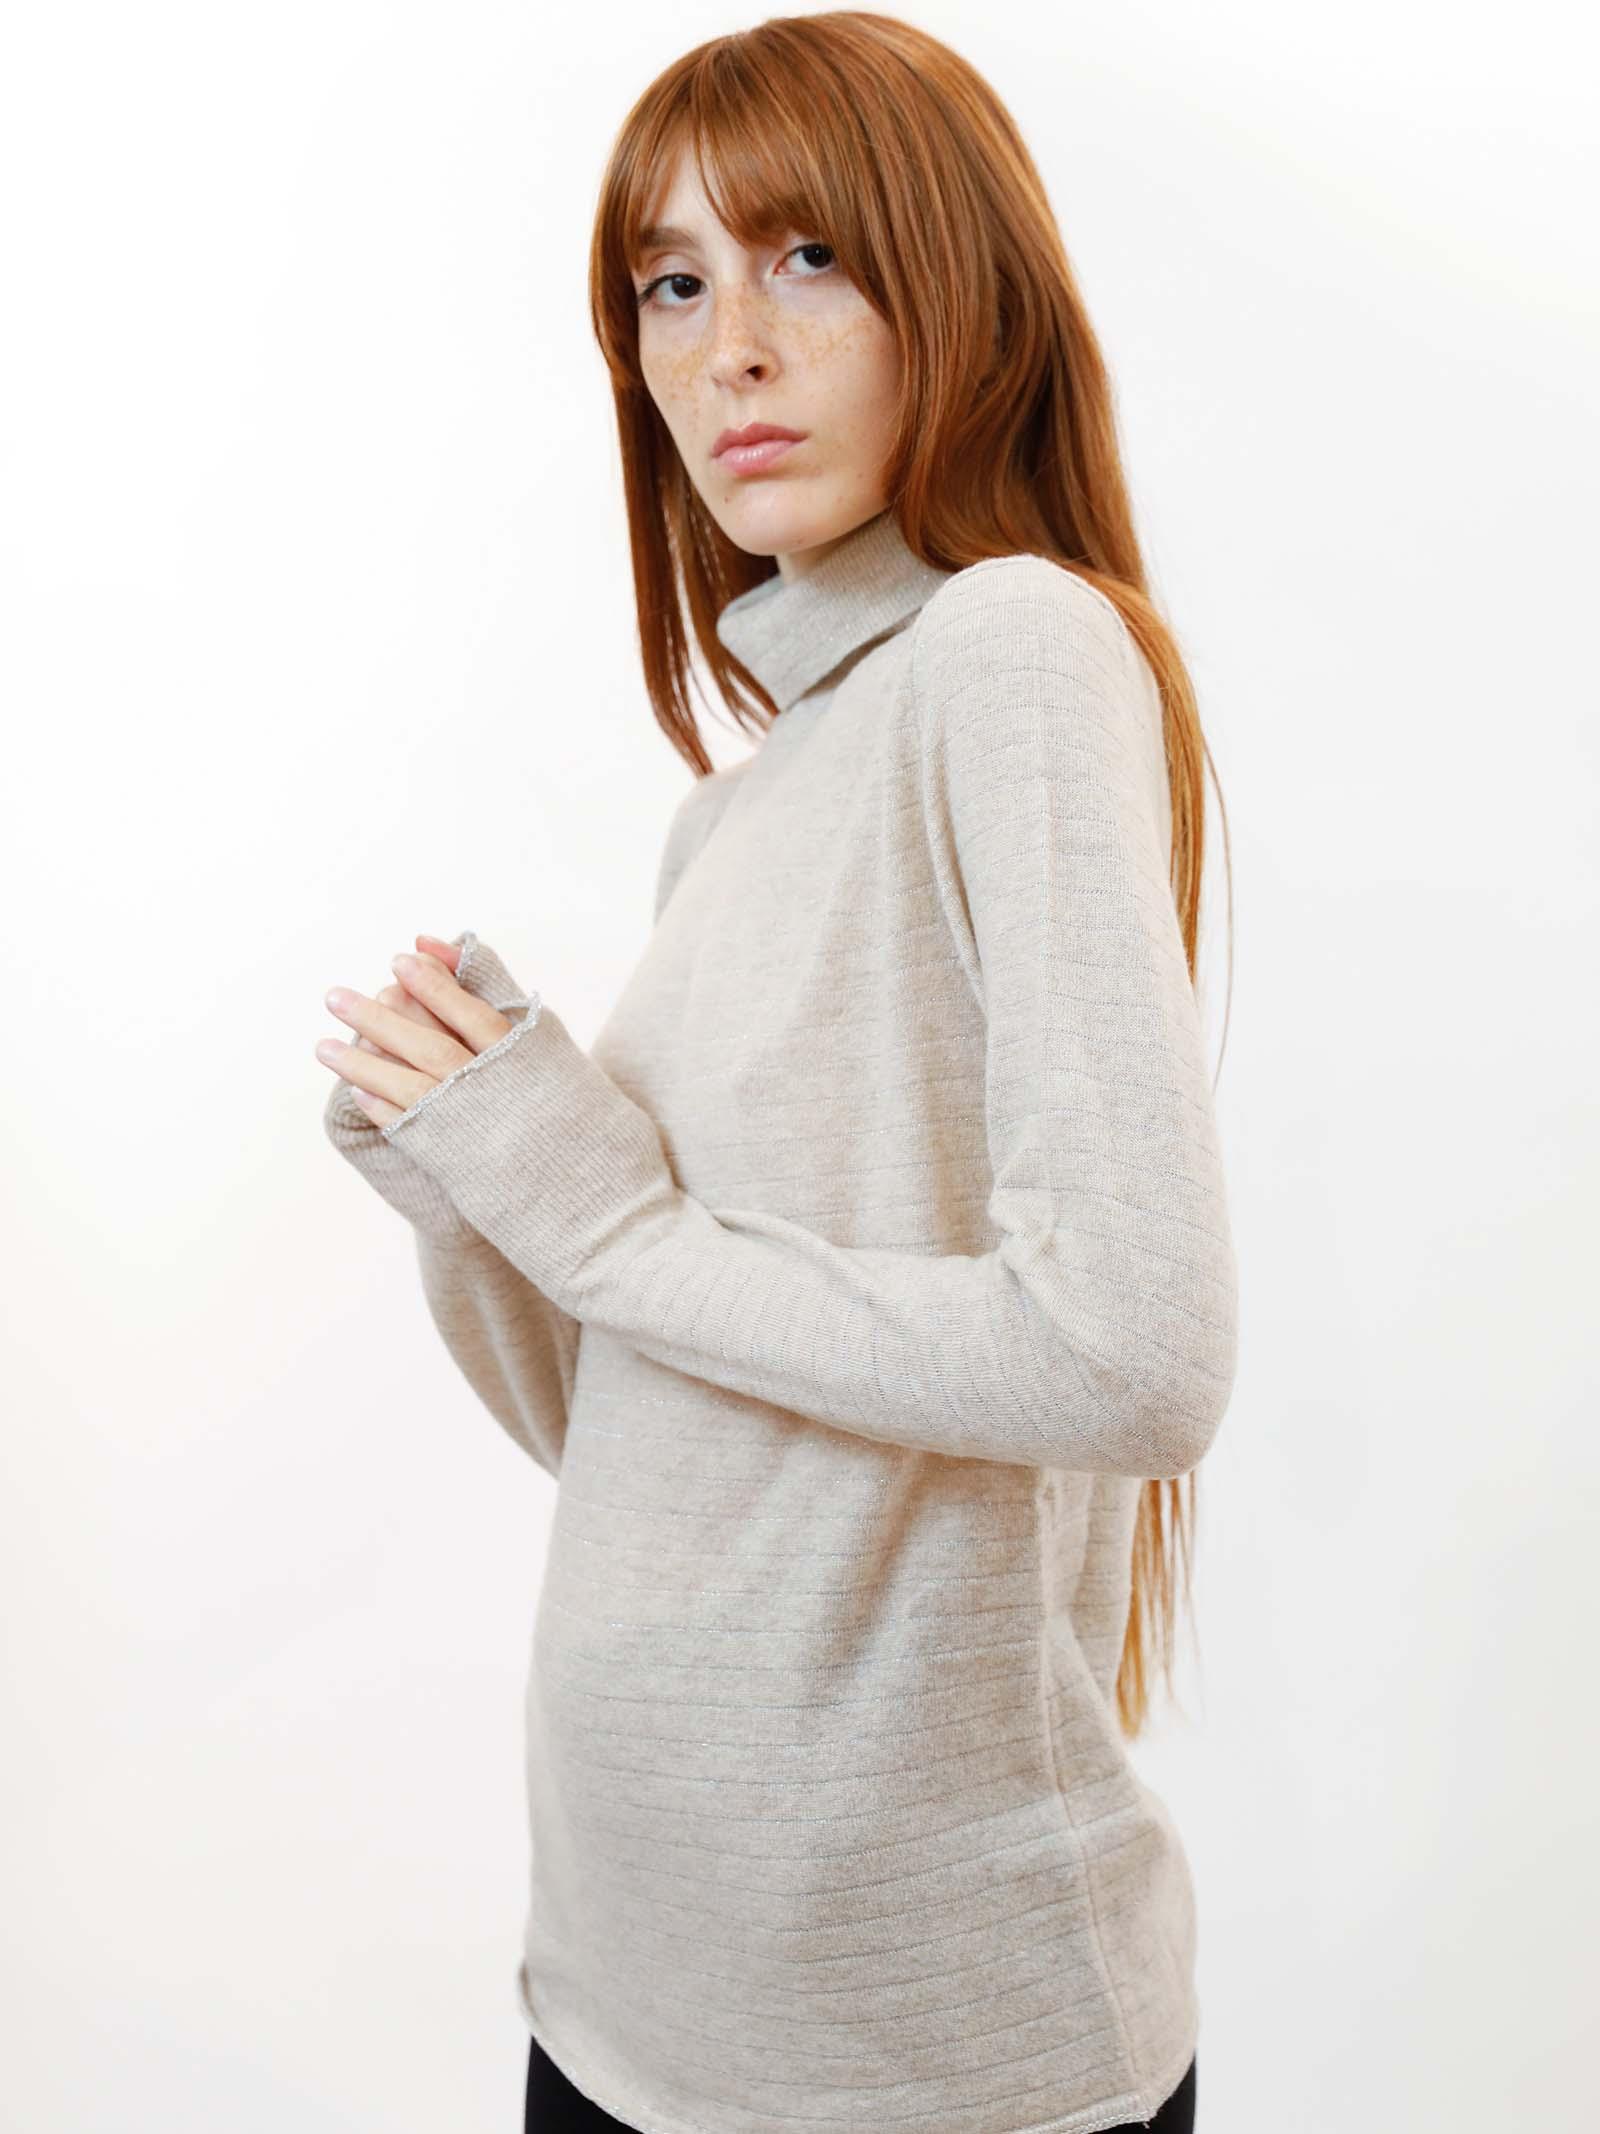 Abbigliamento Donna Maglione Collo Alto Soft Misto Cachemire in Avorio con Lurex Maliparmi | Maglieria | JQ49017052310003